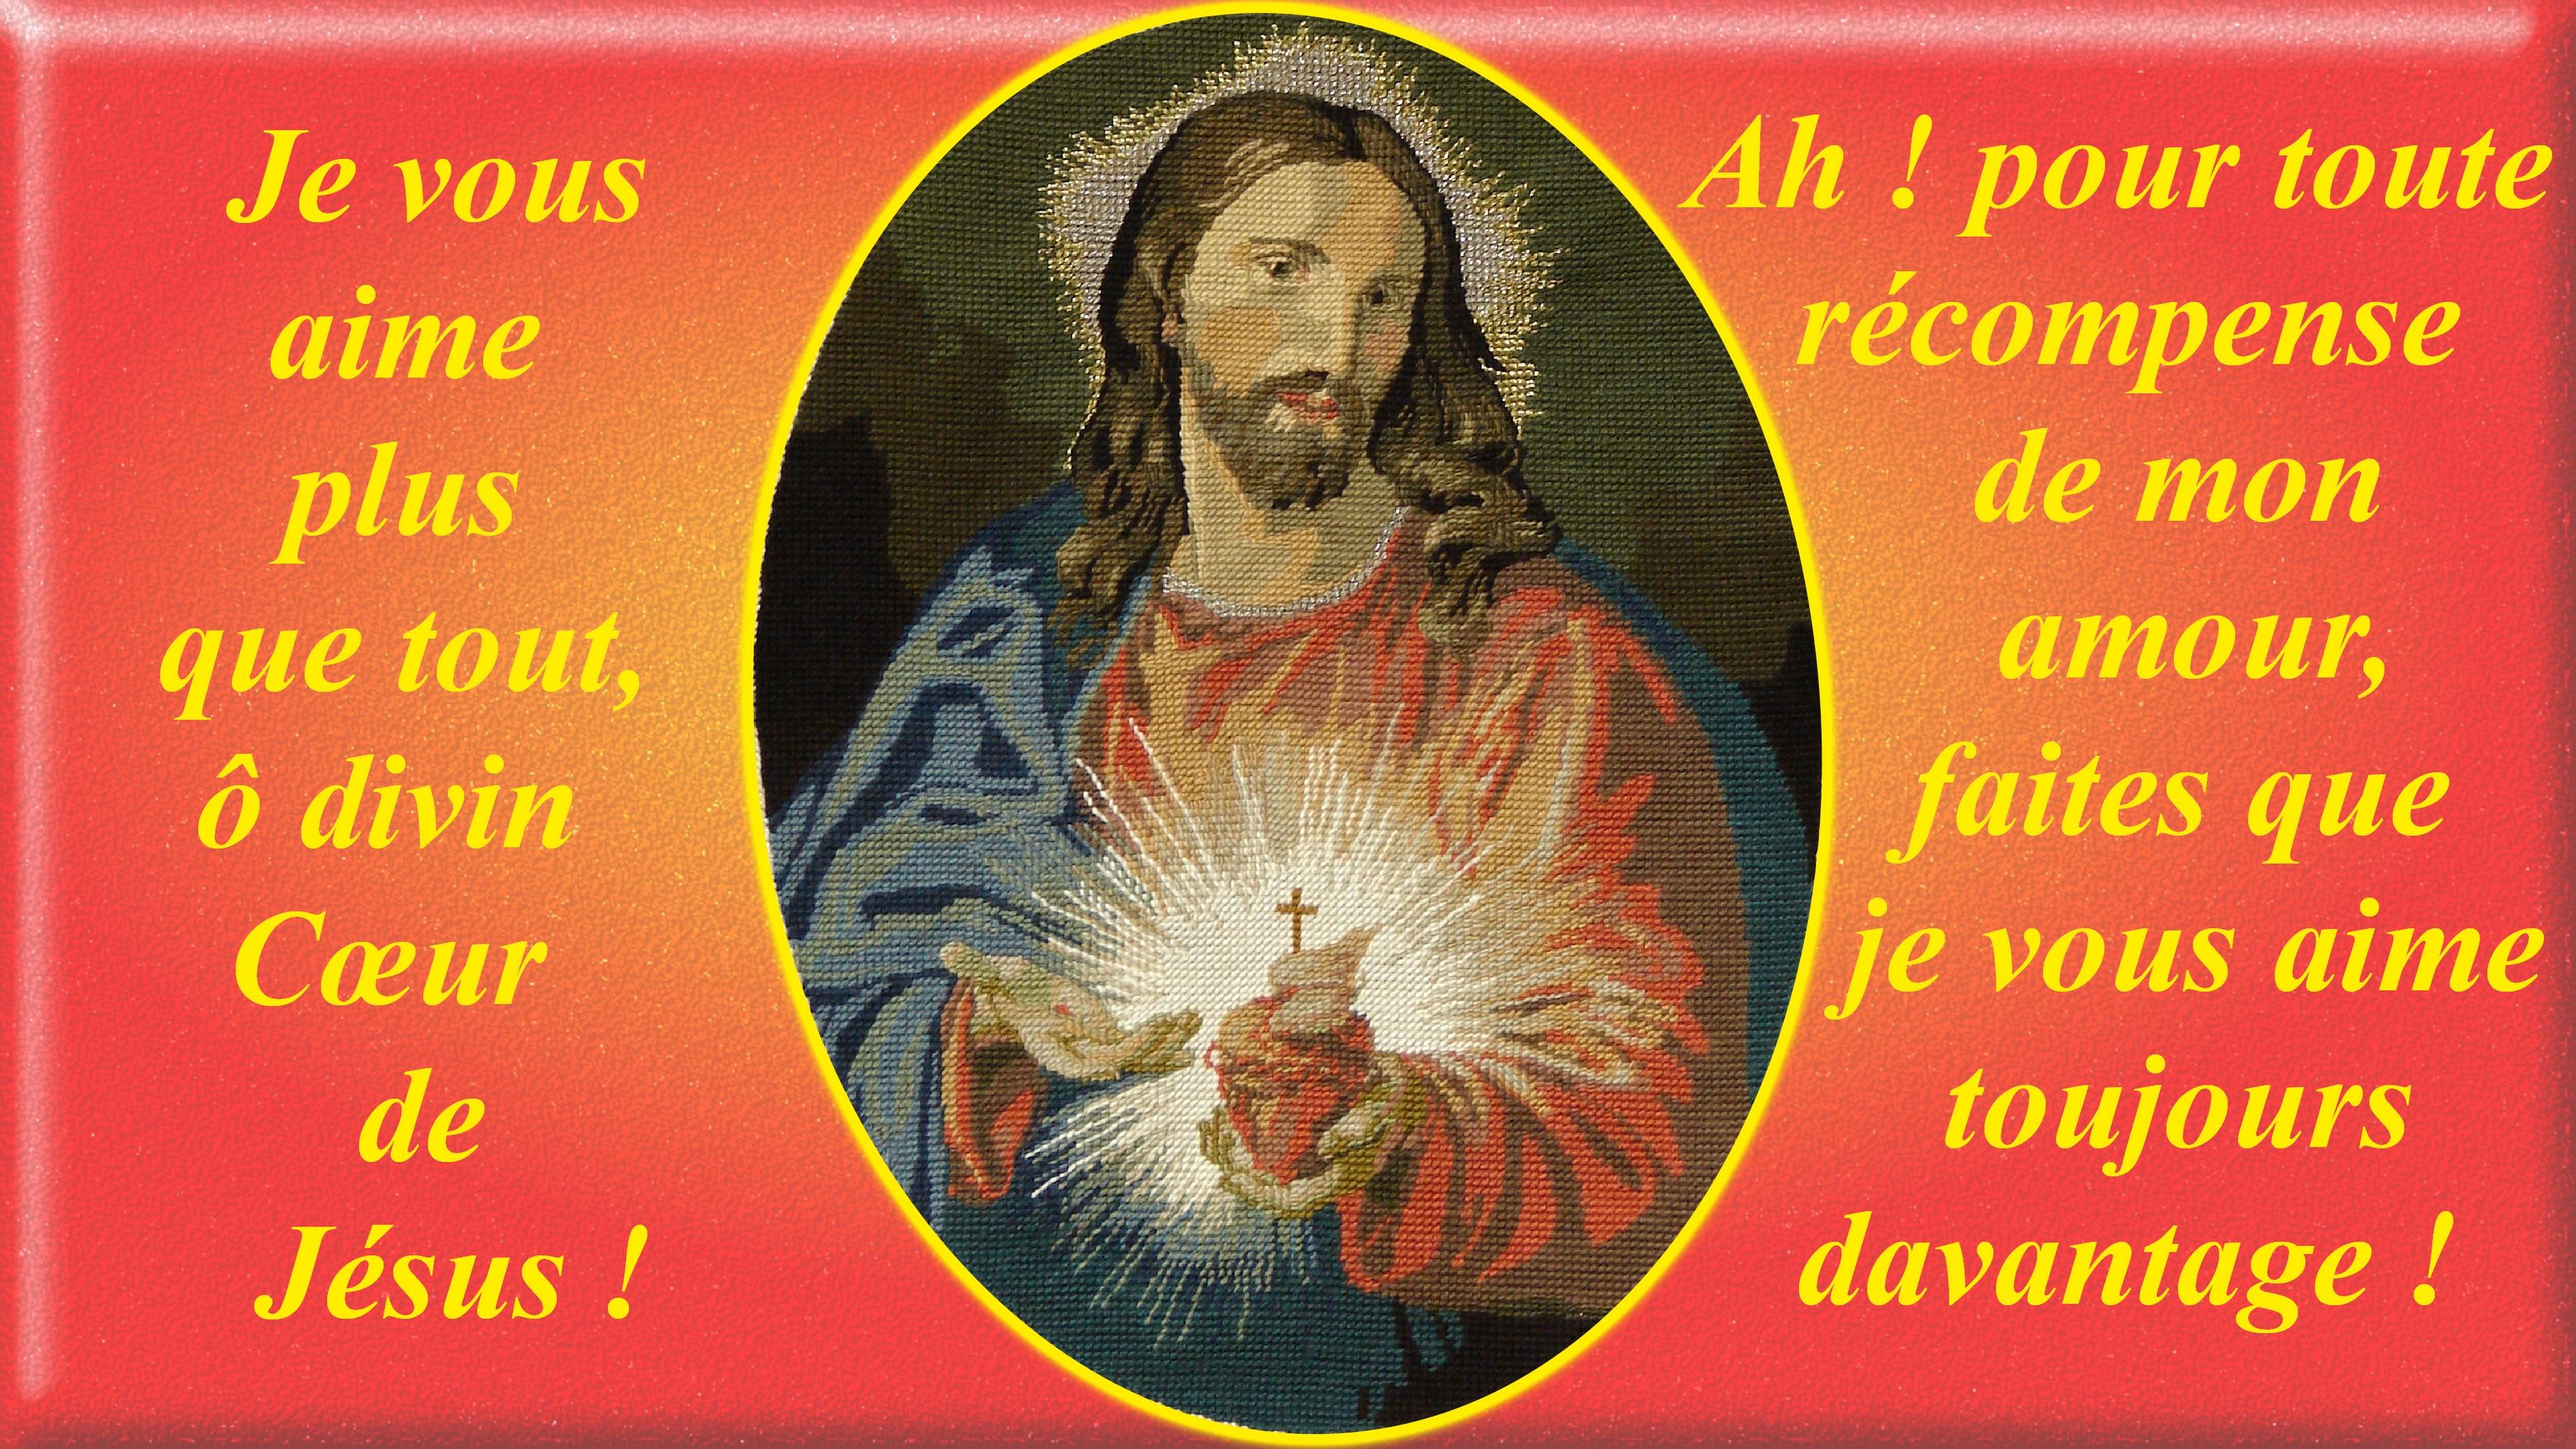 CALENDRIER CATHOLIQUE 2020 (Cantiques, Prières & Images) - Page 4 Canevas-du-sacr--coeur-55bcdec